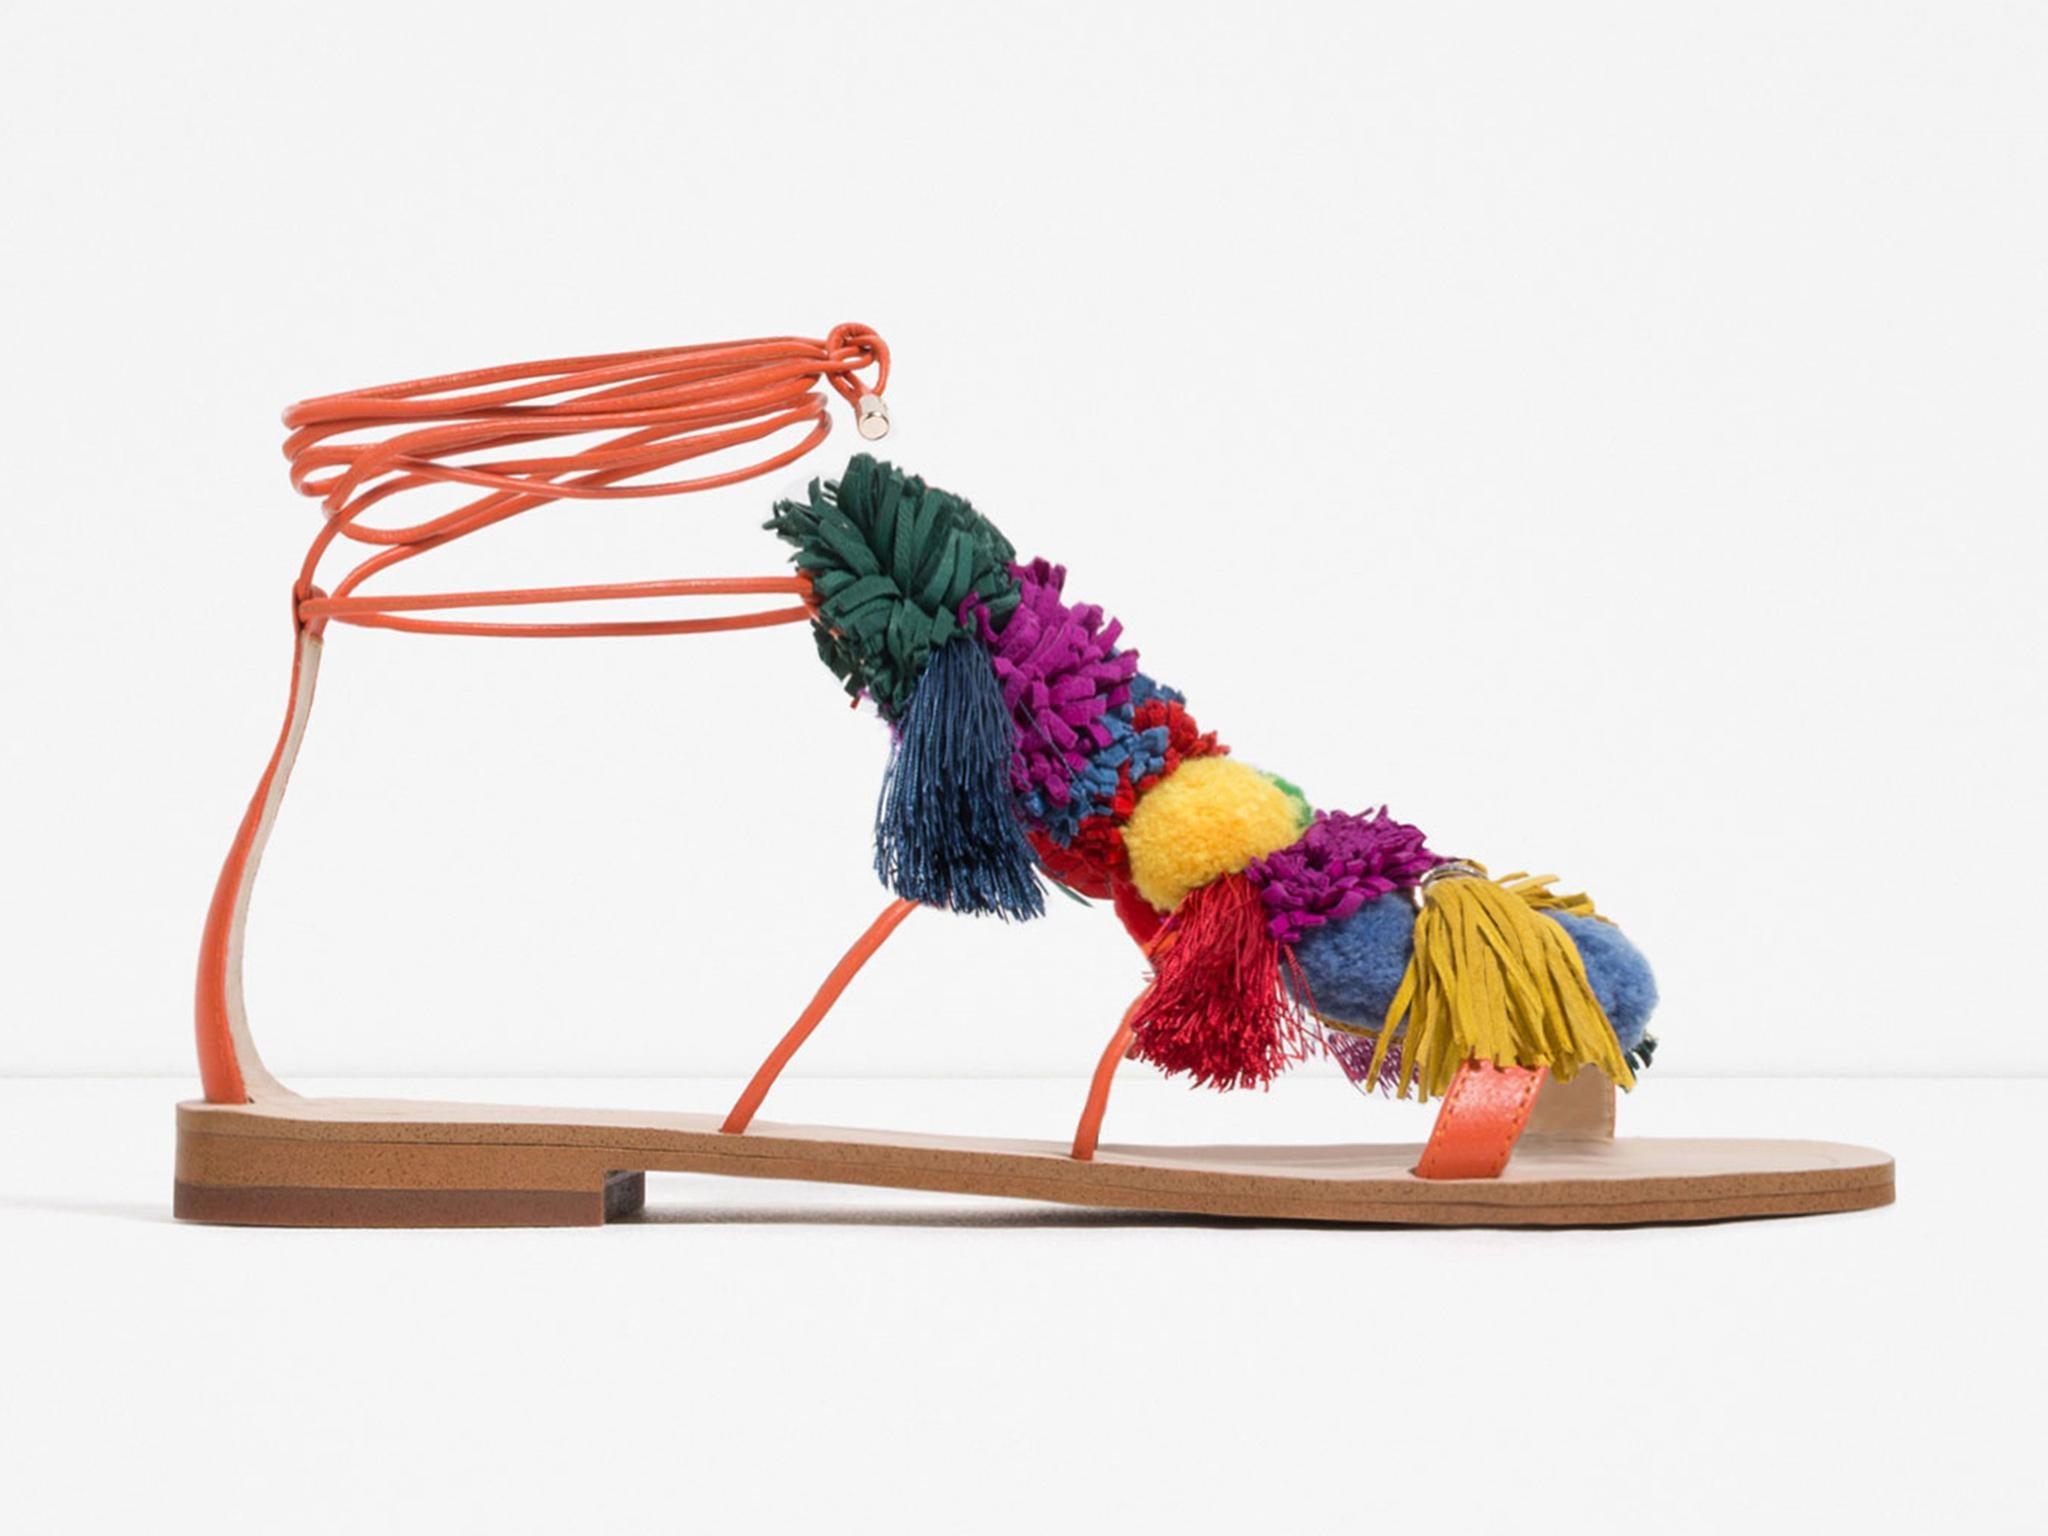 6206d6c8a 10 best summer sandals for women